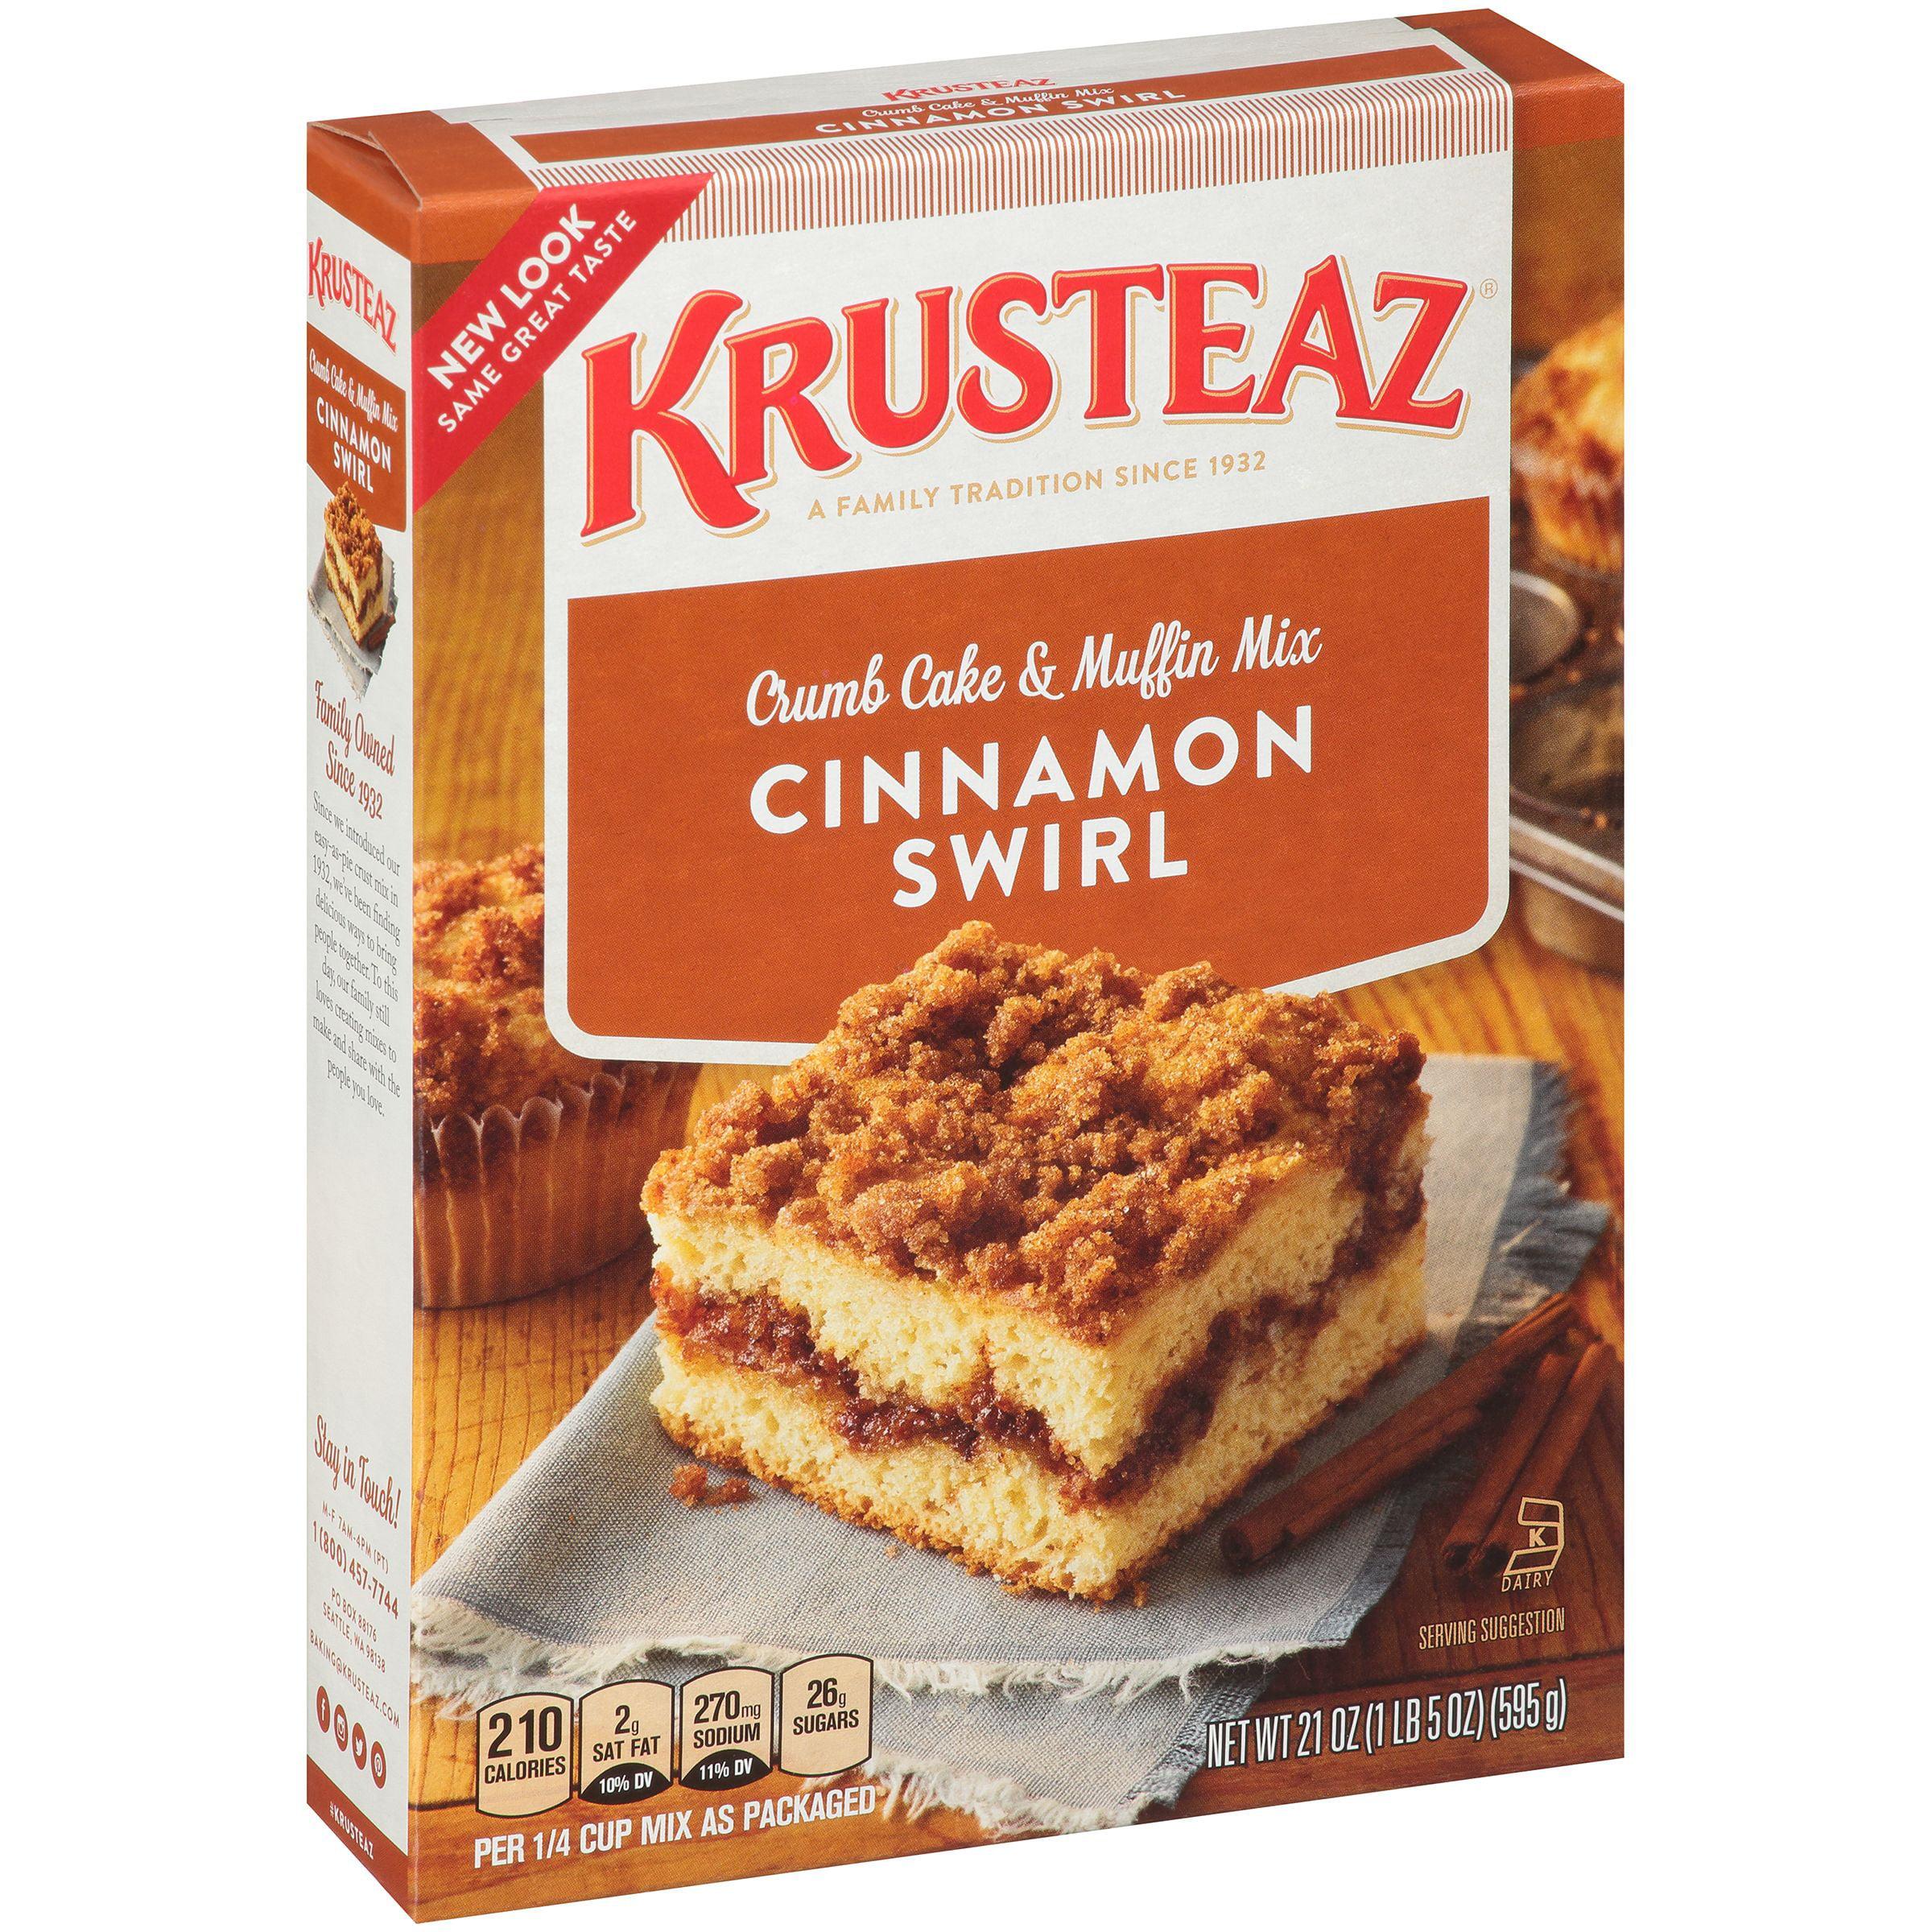 Krusteaz Cinnamon Swirl Crumb Cake & Muffin Mix, 21 oz by Continental Mills, Inc.